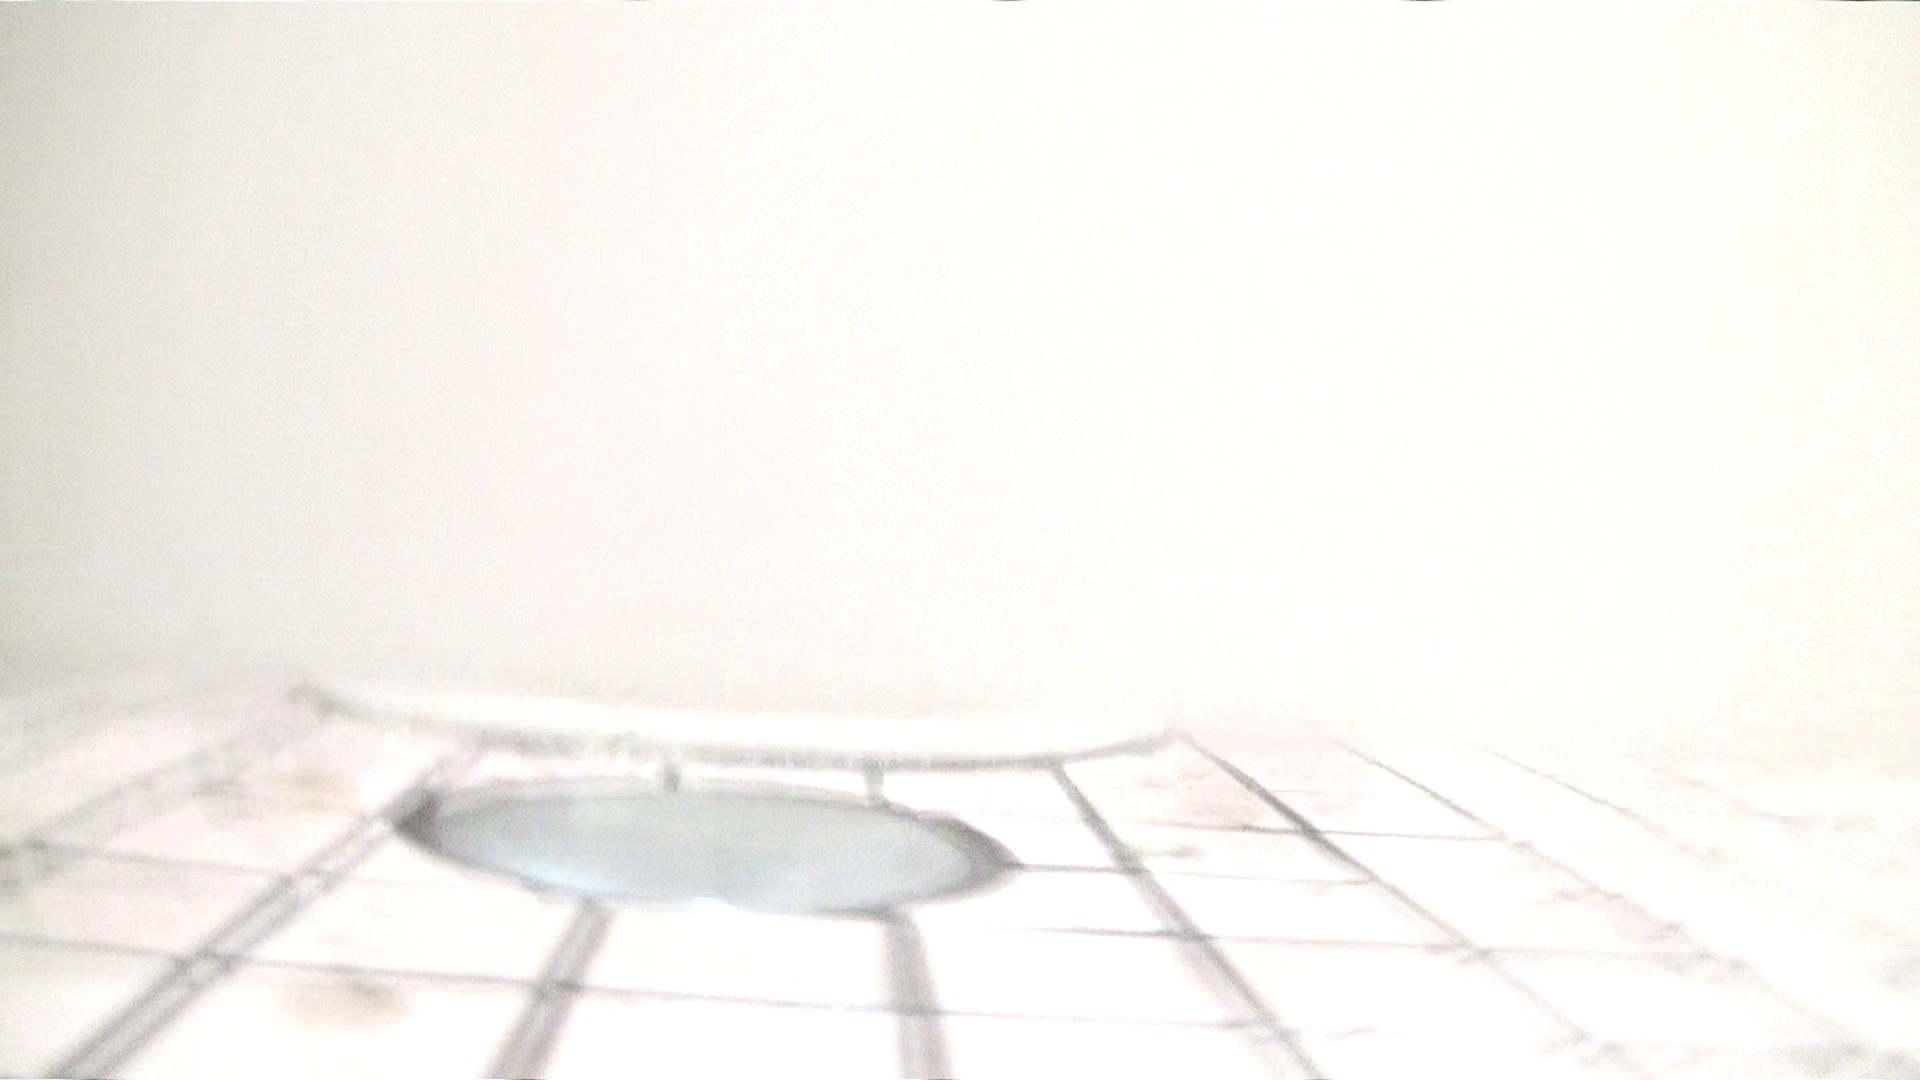 ※100個限定販売 至高下半身盗撮 プレミアム Vol.16 ハイビジョン お姉さん攻略 エロ画像 76画像 76